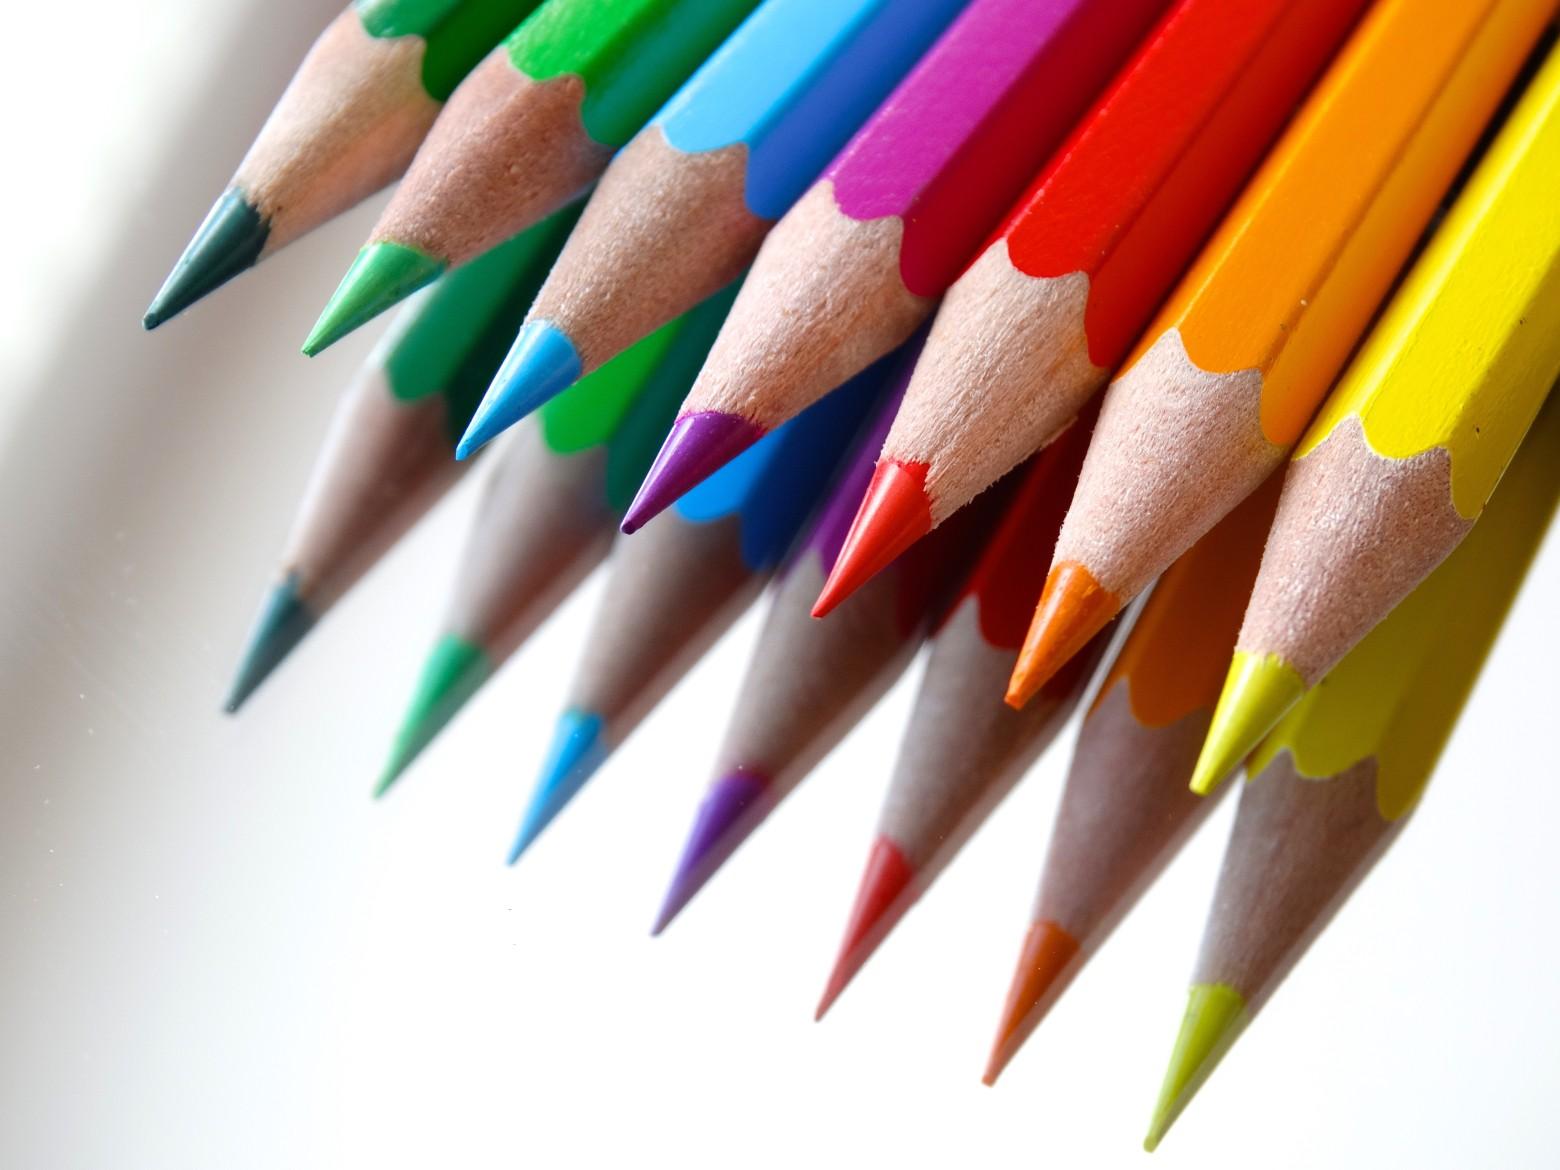 crayons de couleurs nuance nuancier images photos gratuites images gratuites et libres de droits. Black Bedroom Furniture Sets. Home Design Ideas